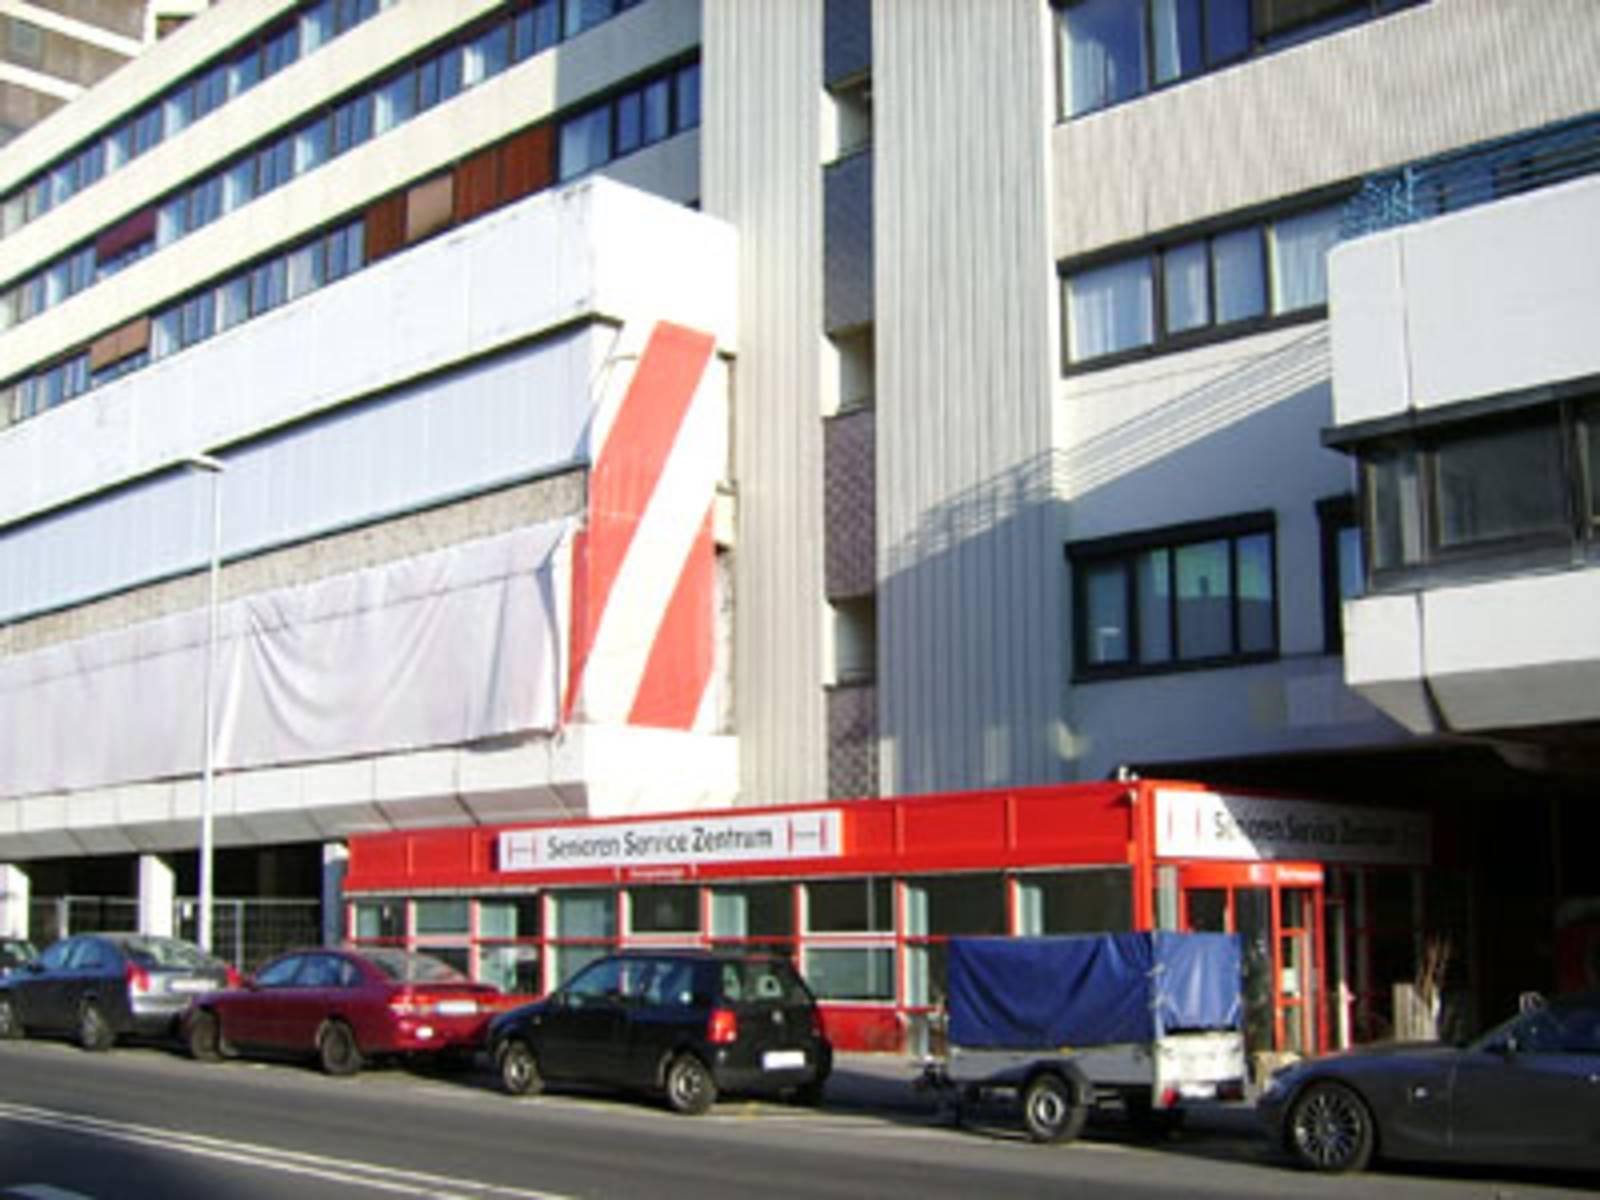 Ausweichstandort des Bürgeramtes Linden im Ihmezentrum